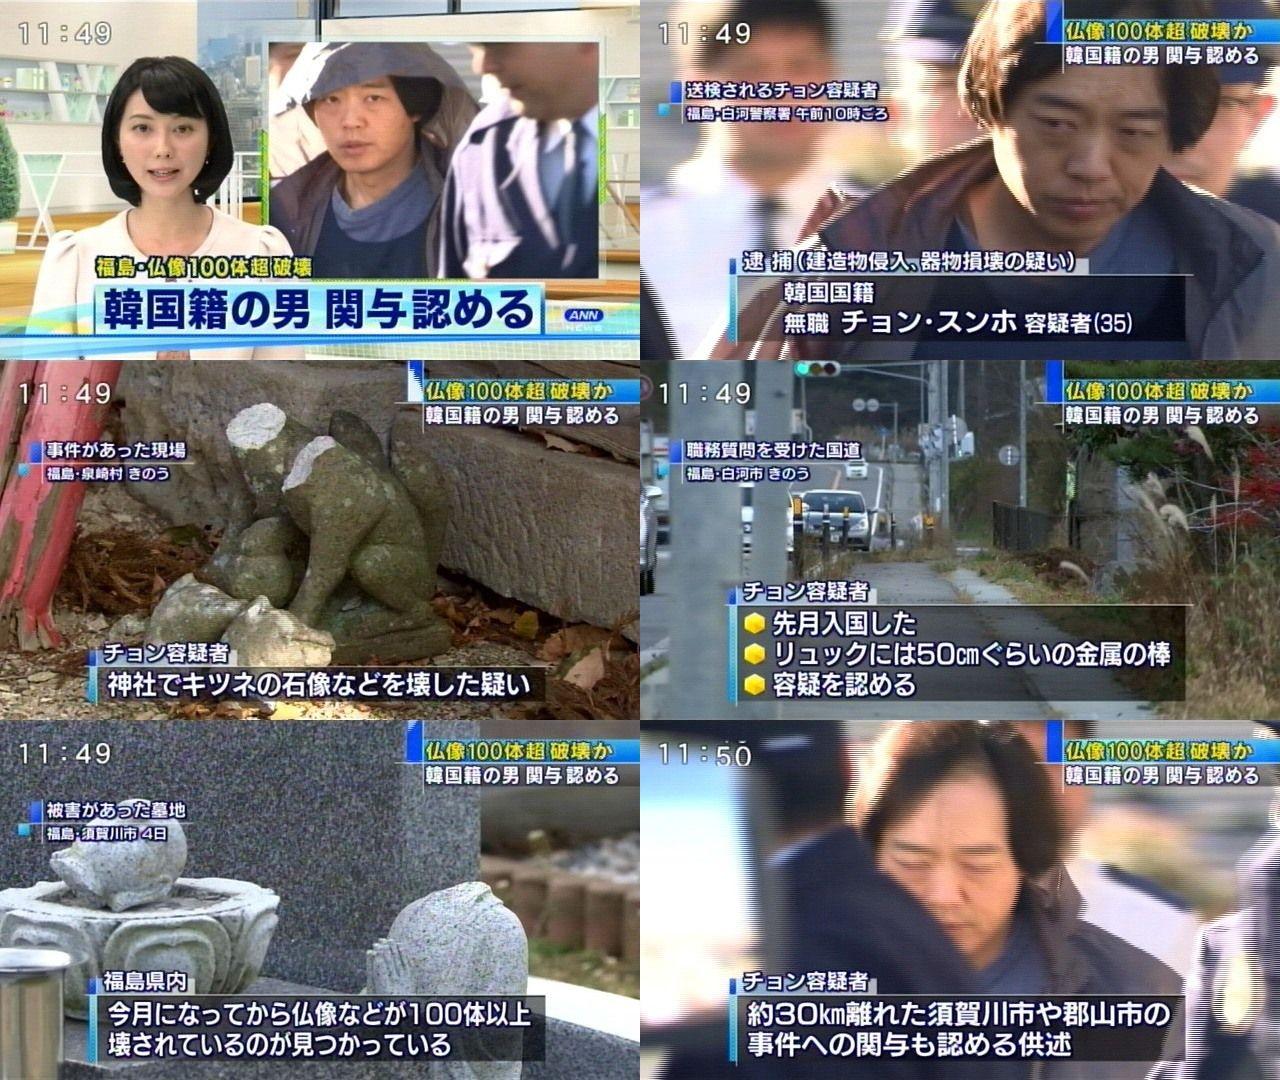 http://livedoor.blogimg.jp/gensen_2ch/imgs/7/f/7f6d27af.jpg